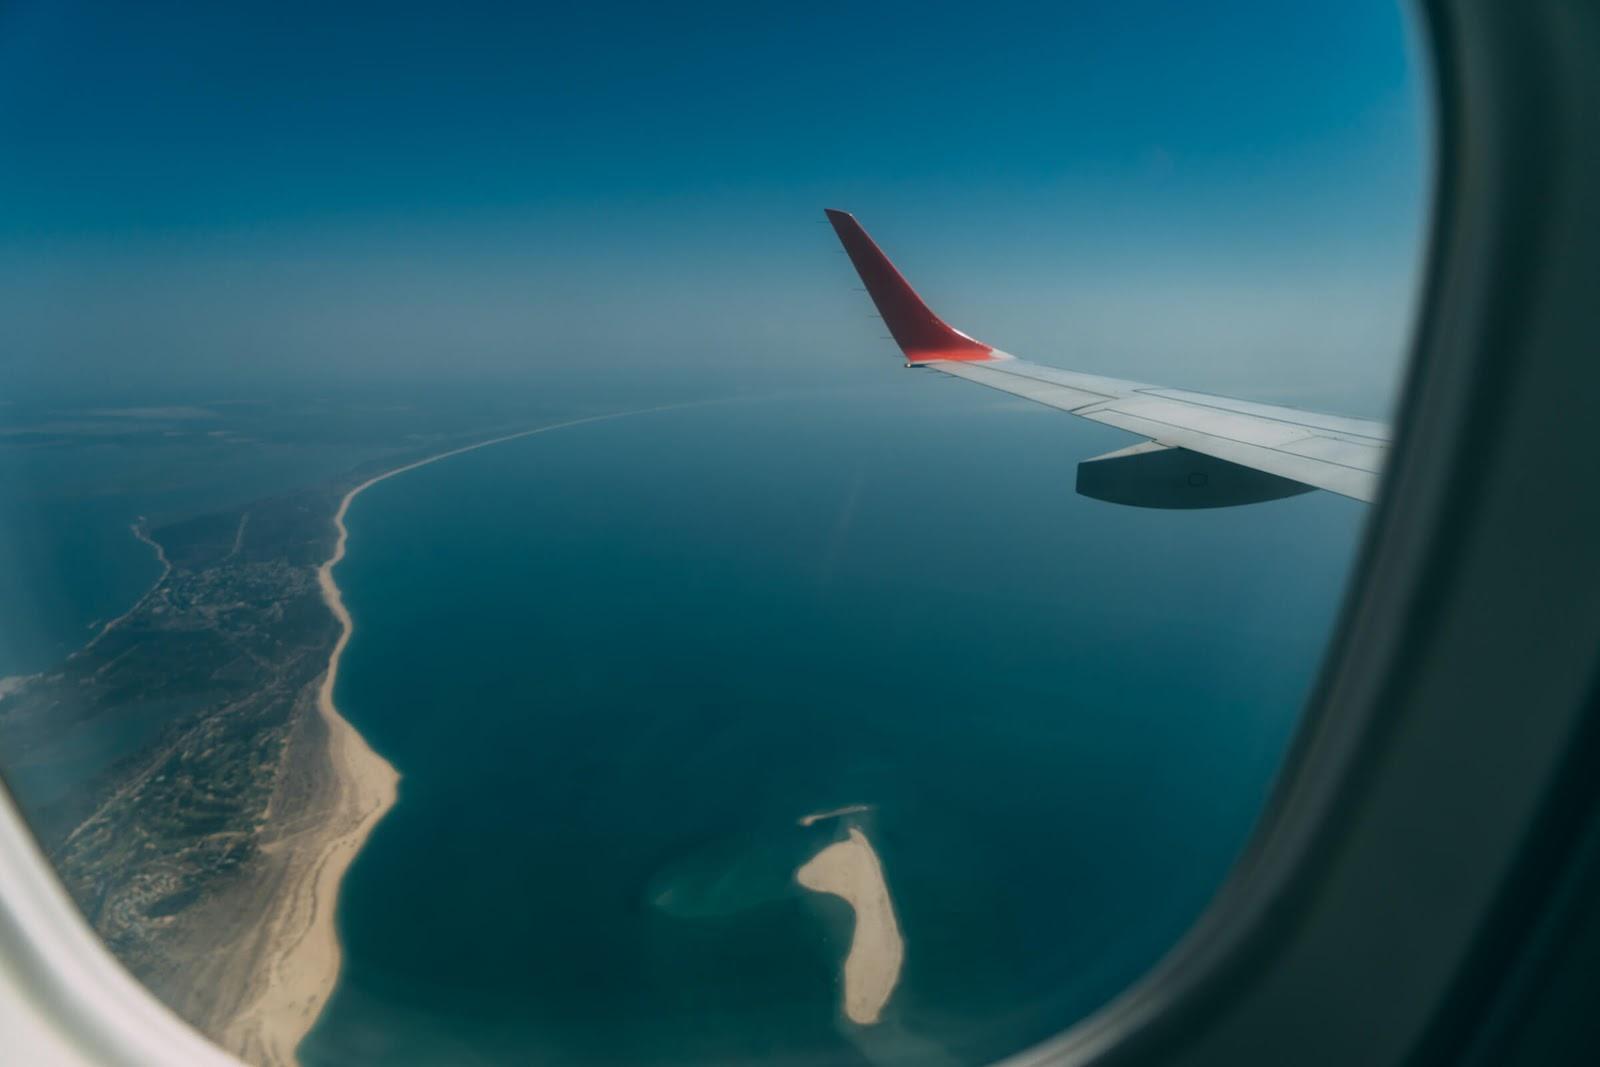 Dicas de viagem para não passar apuros - Seja otimista em seu voo e seja otimista